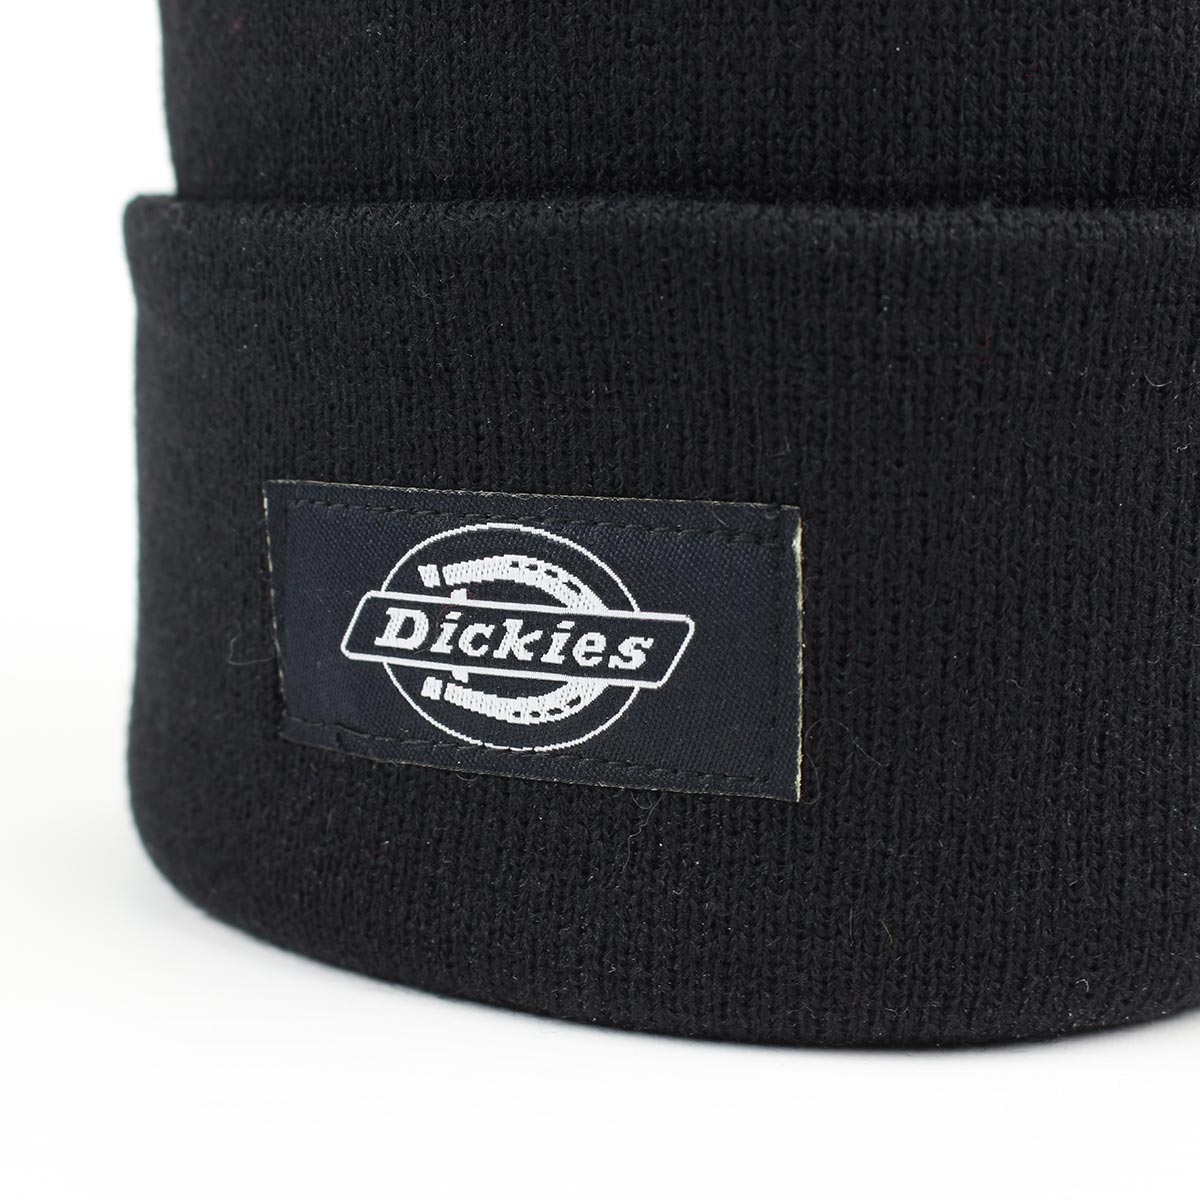 Dickies Yonkers Cuffed Beanie Hat - Black  eb91e763383